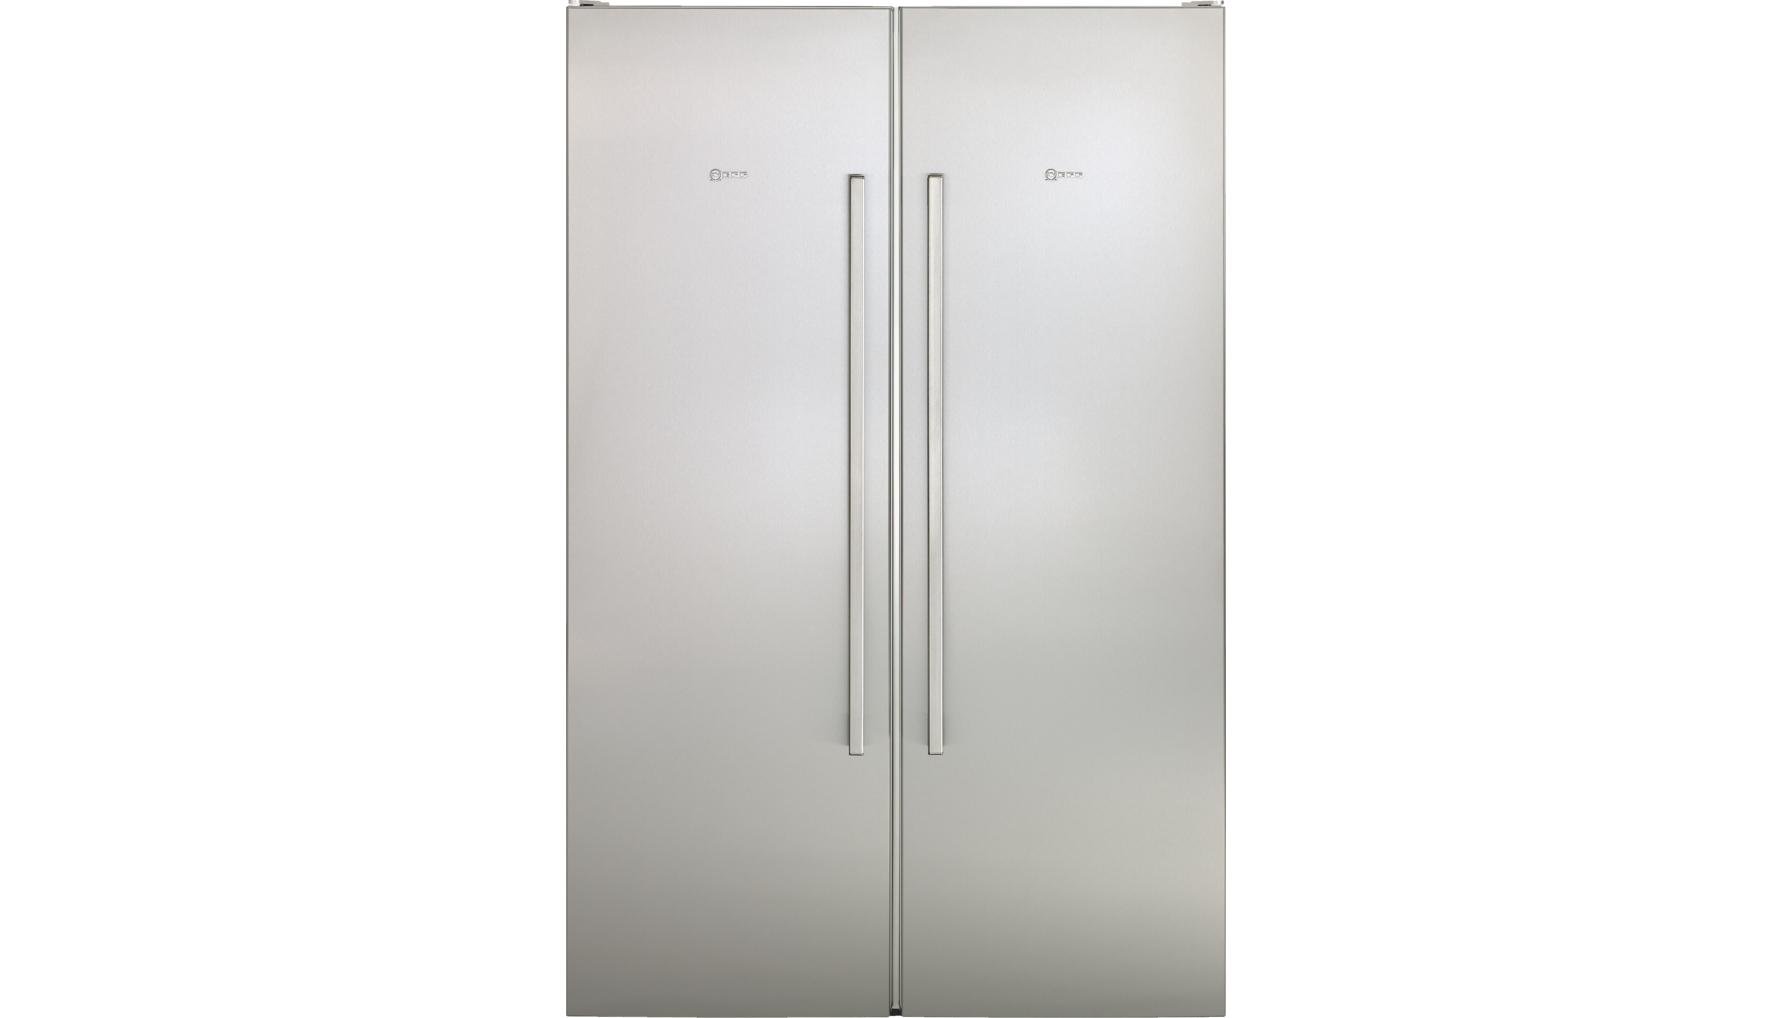 Produkte gefriergerate alle gefriergerate ka8998i30 for Neff side by side kühlschrank